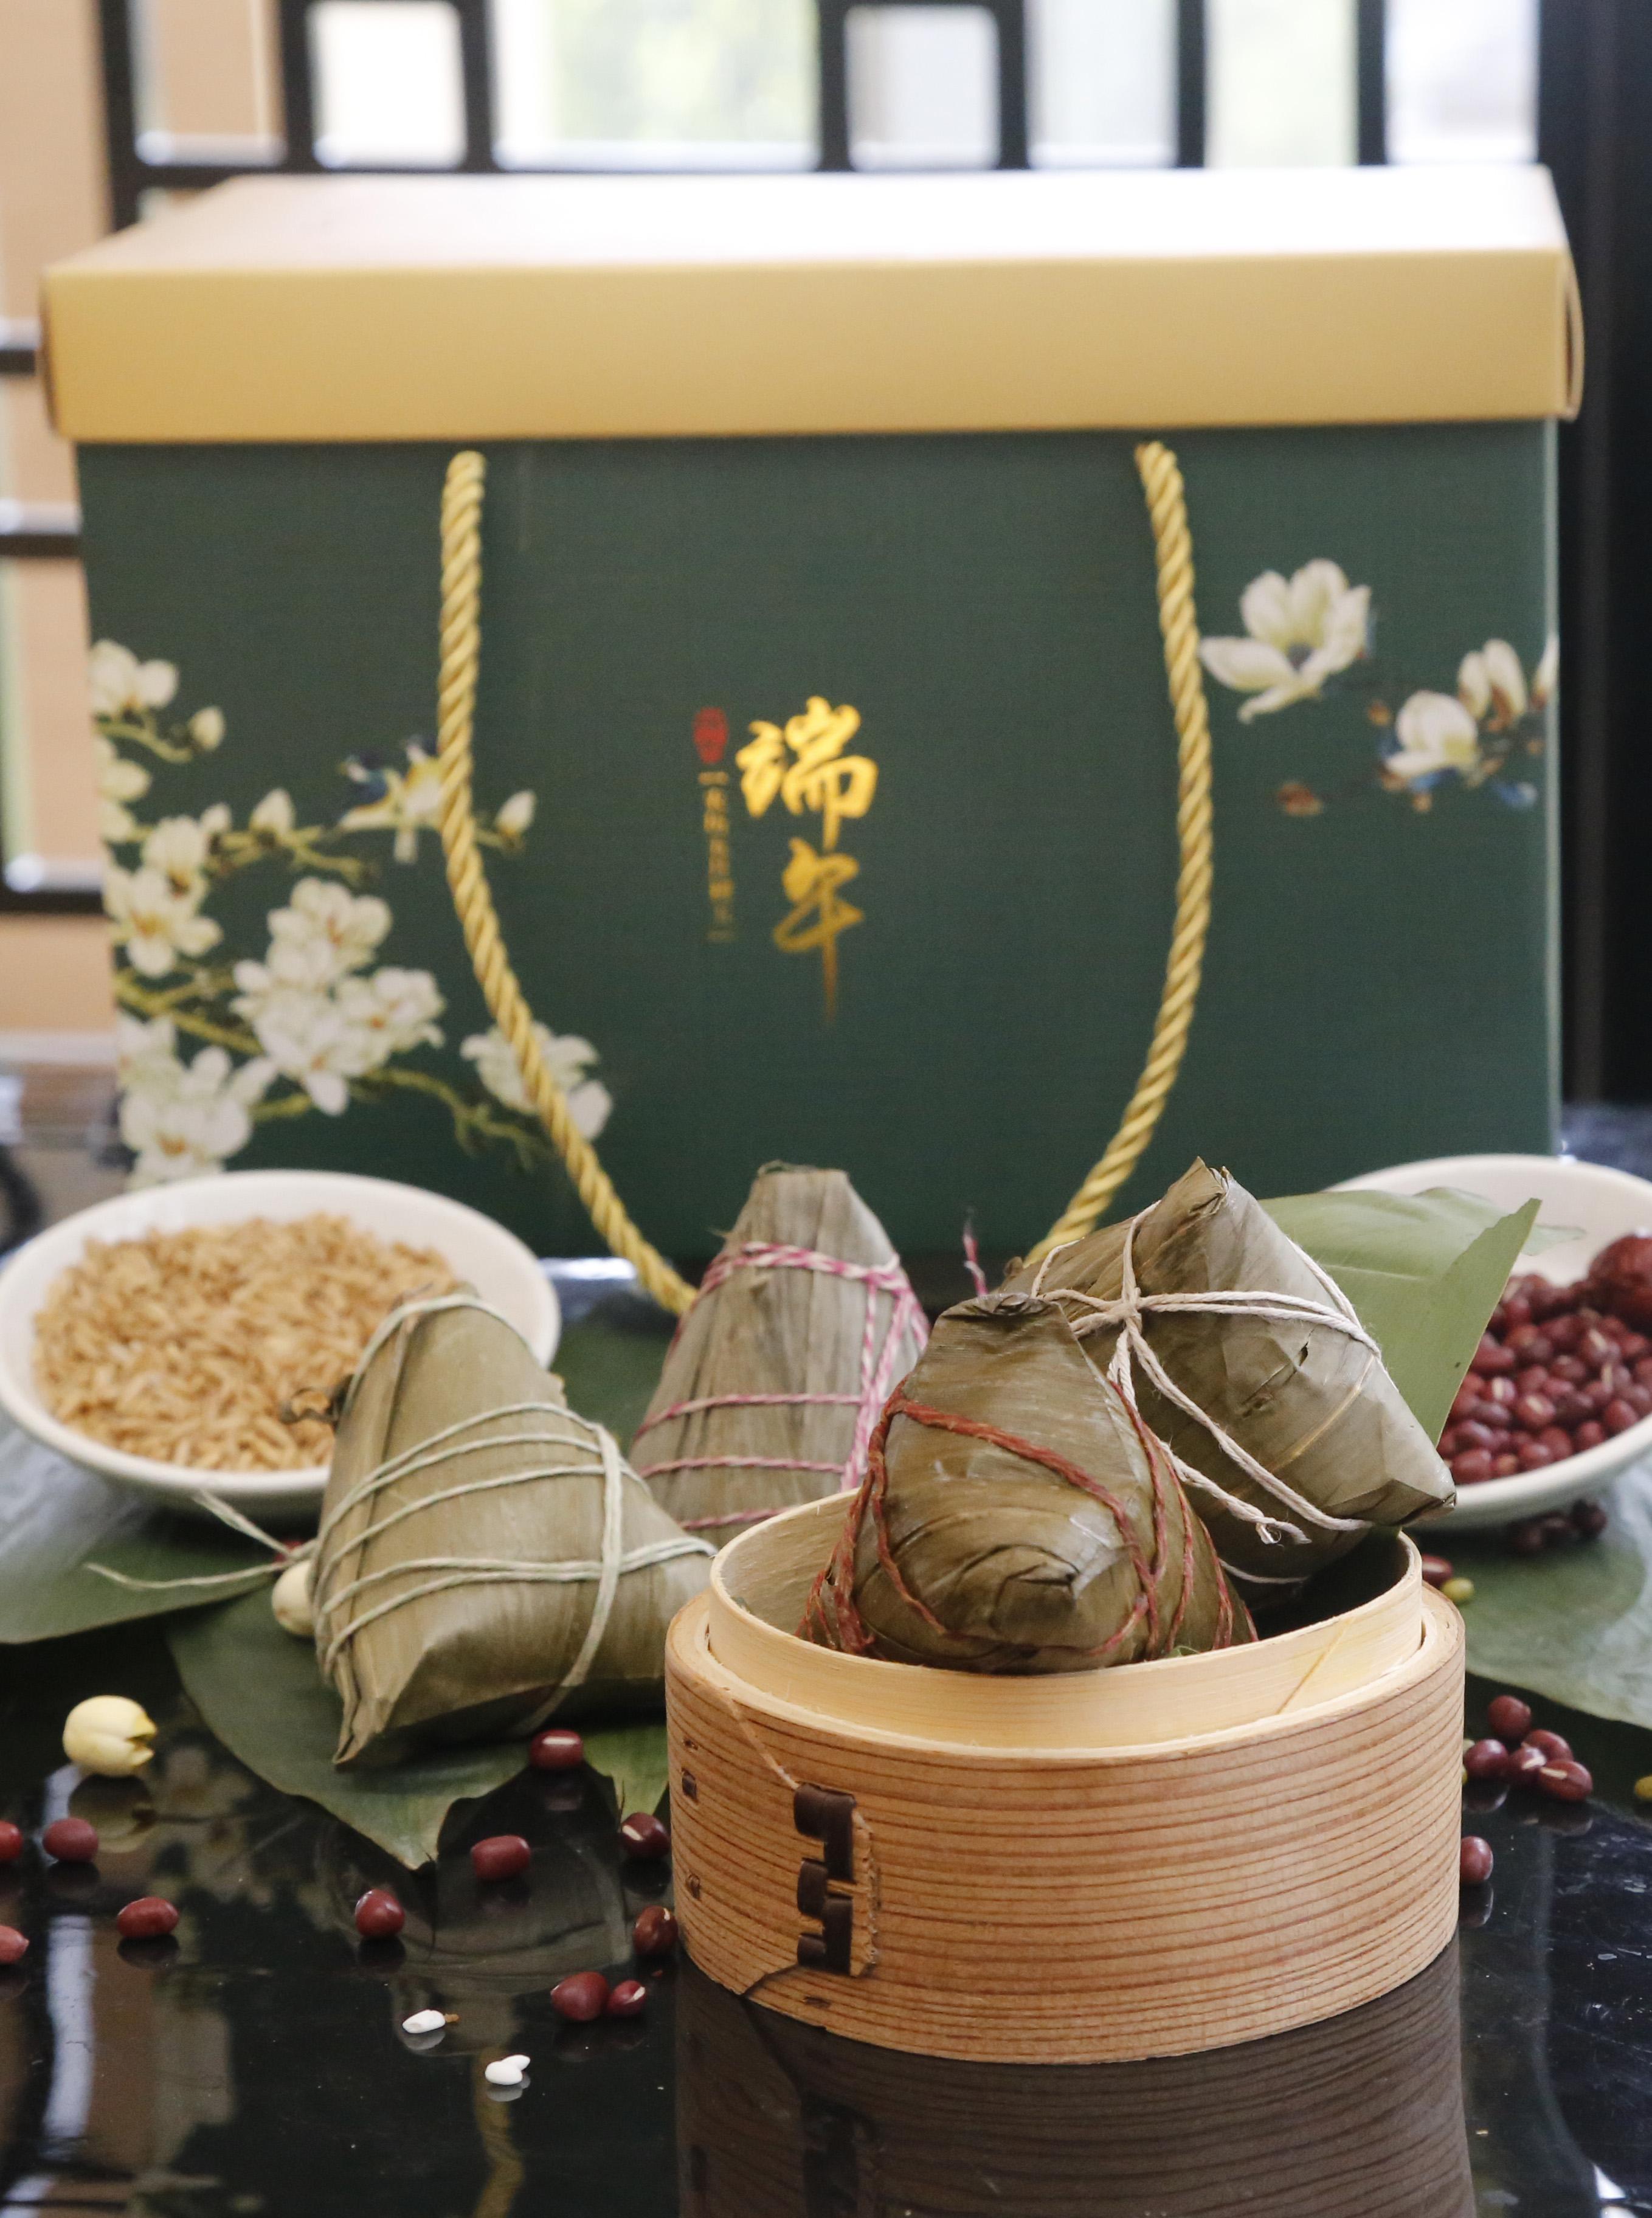 北京 | 浓情端午,礼粽飘香